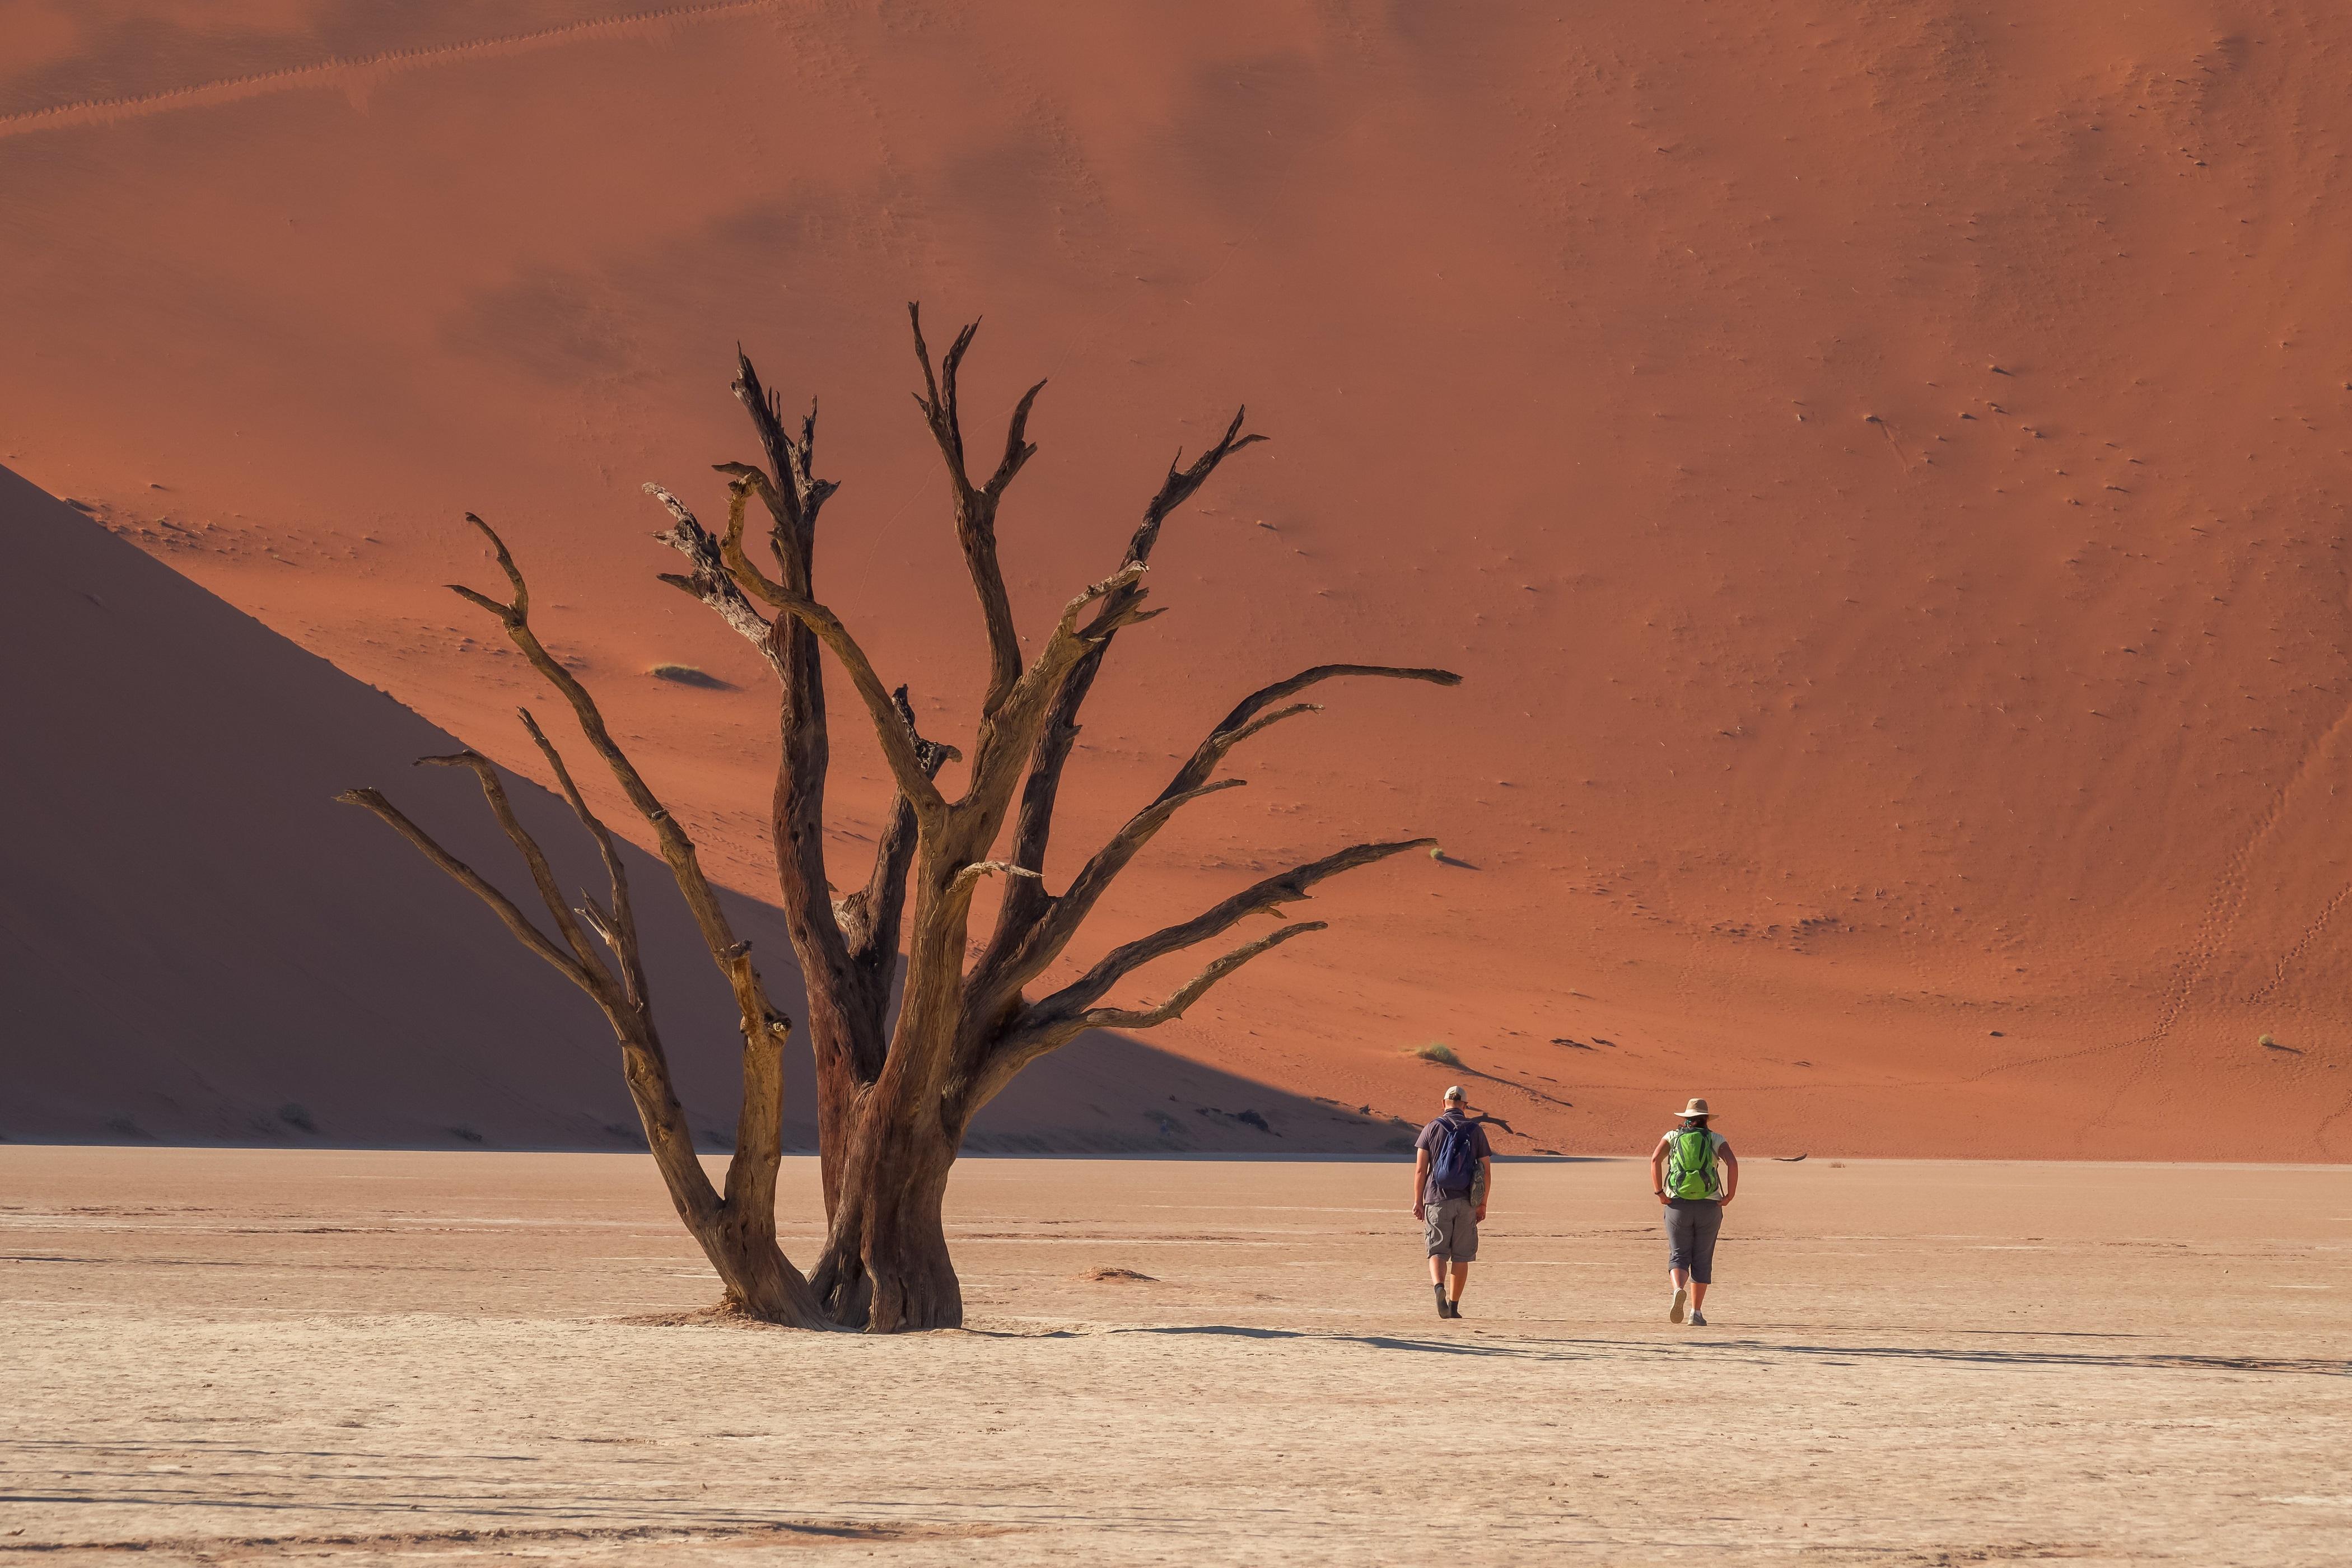 Namibia - den tham thung lung chet, thanh pho ma va dieu khong tuong hinh anh 7